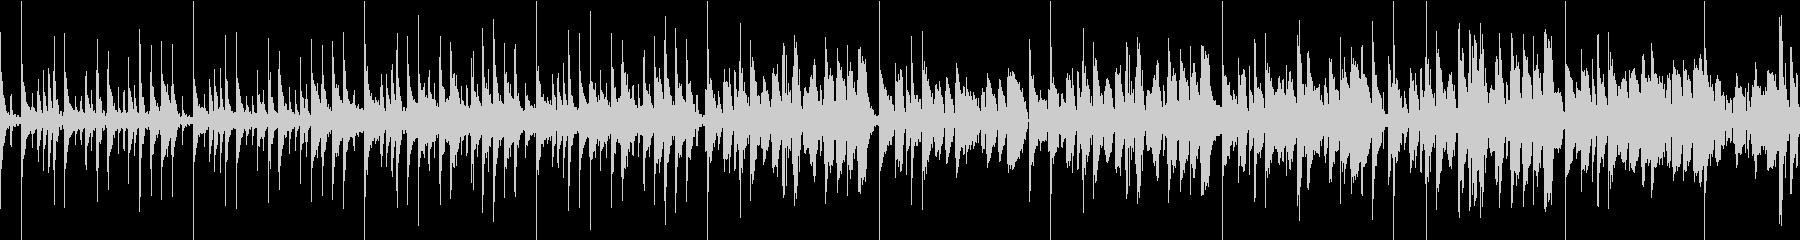 疾走感のあるドラムンベース風BGMの未再生の波形